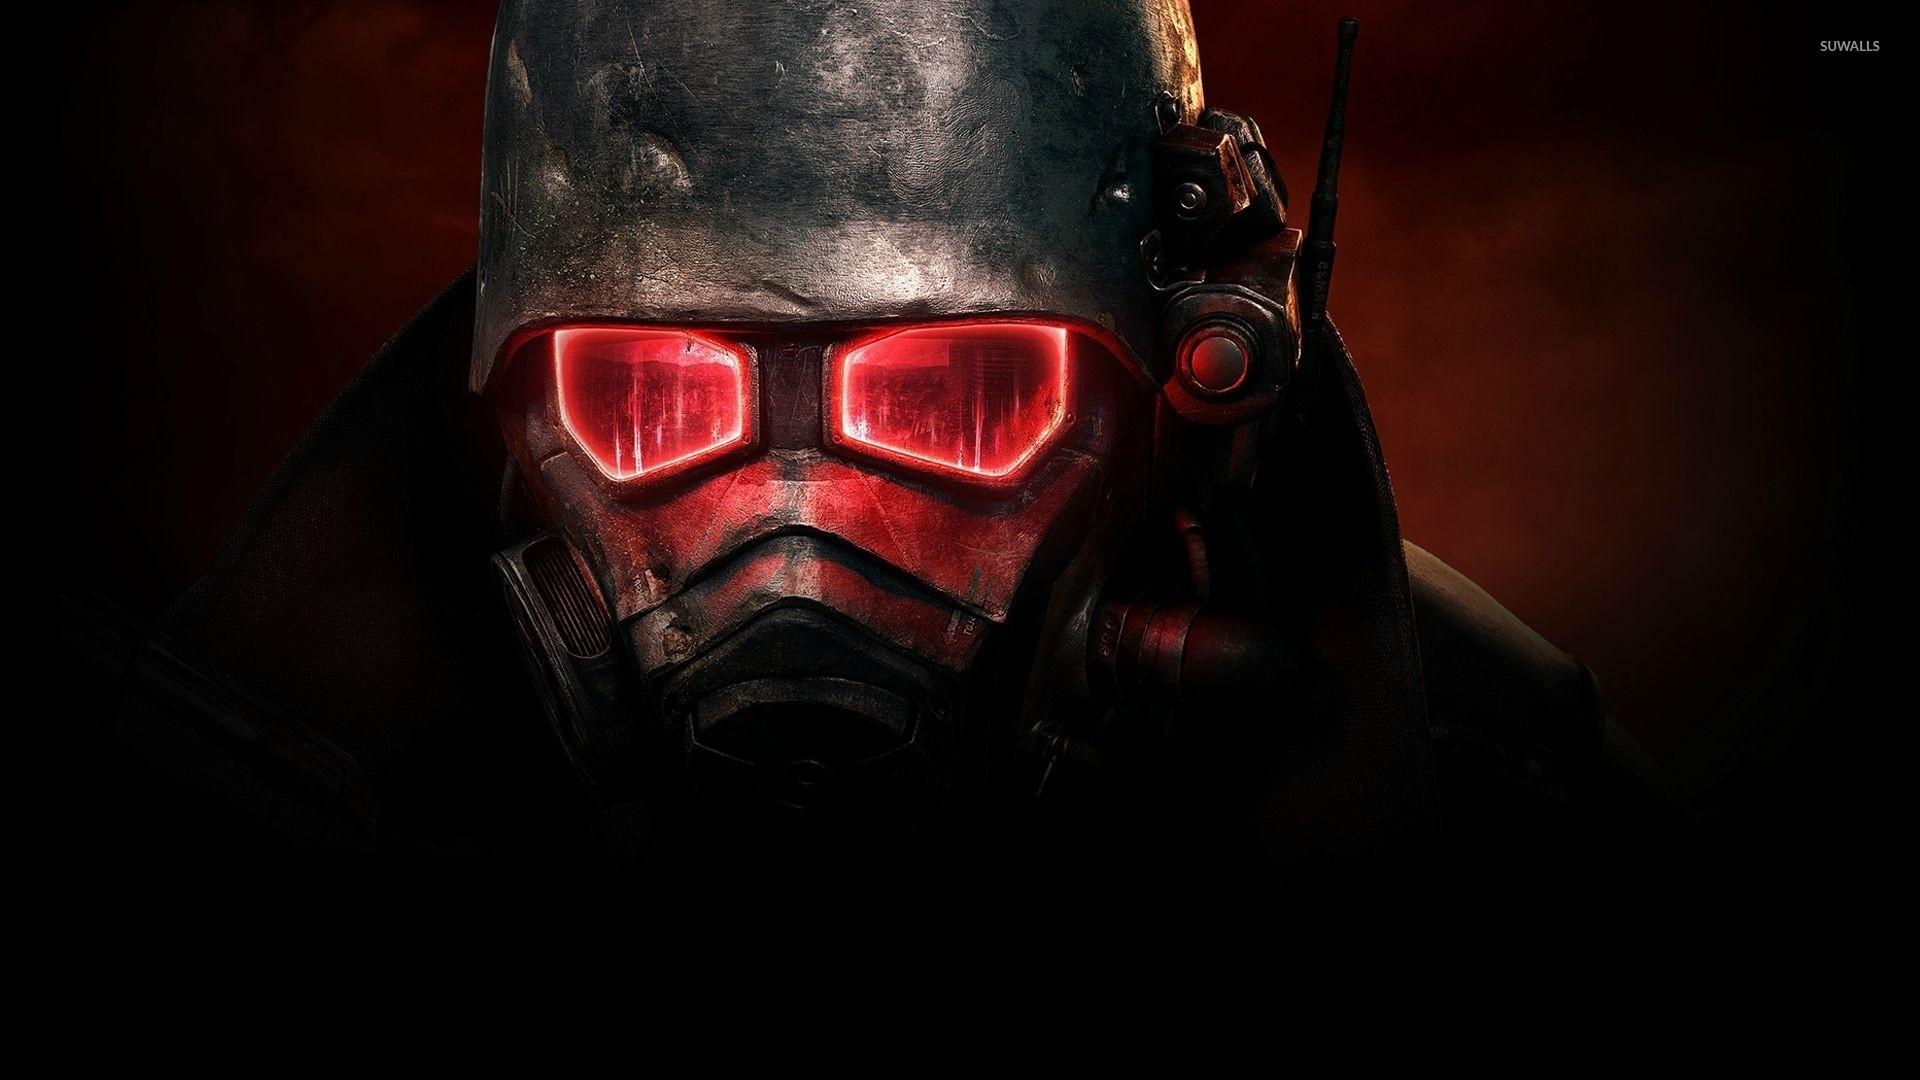 Fallout Wallpaper – WallpaperSafari